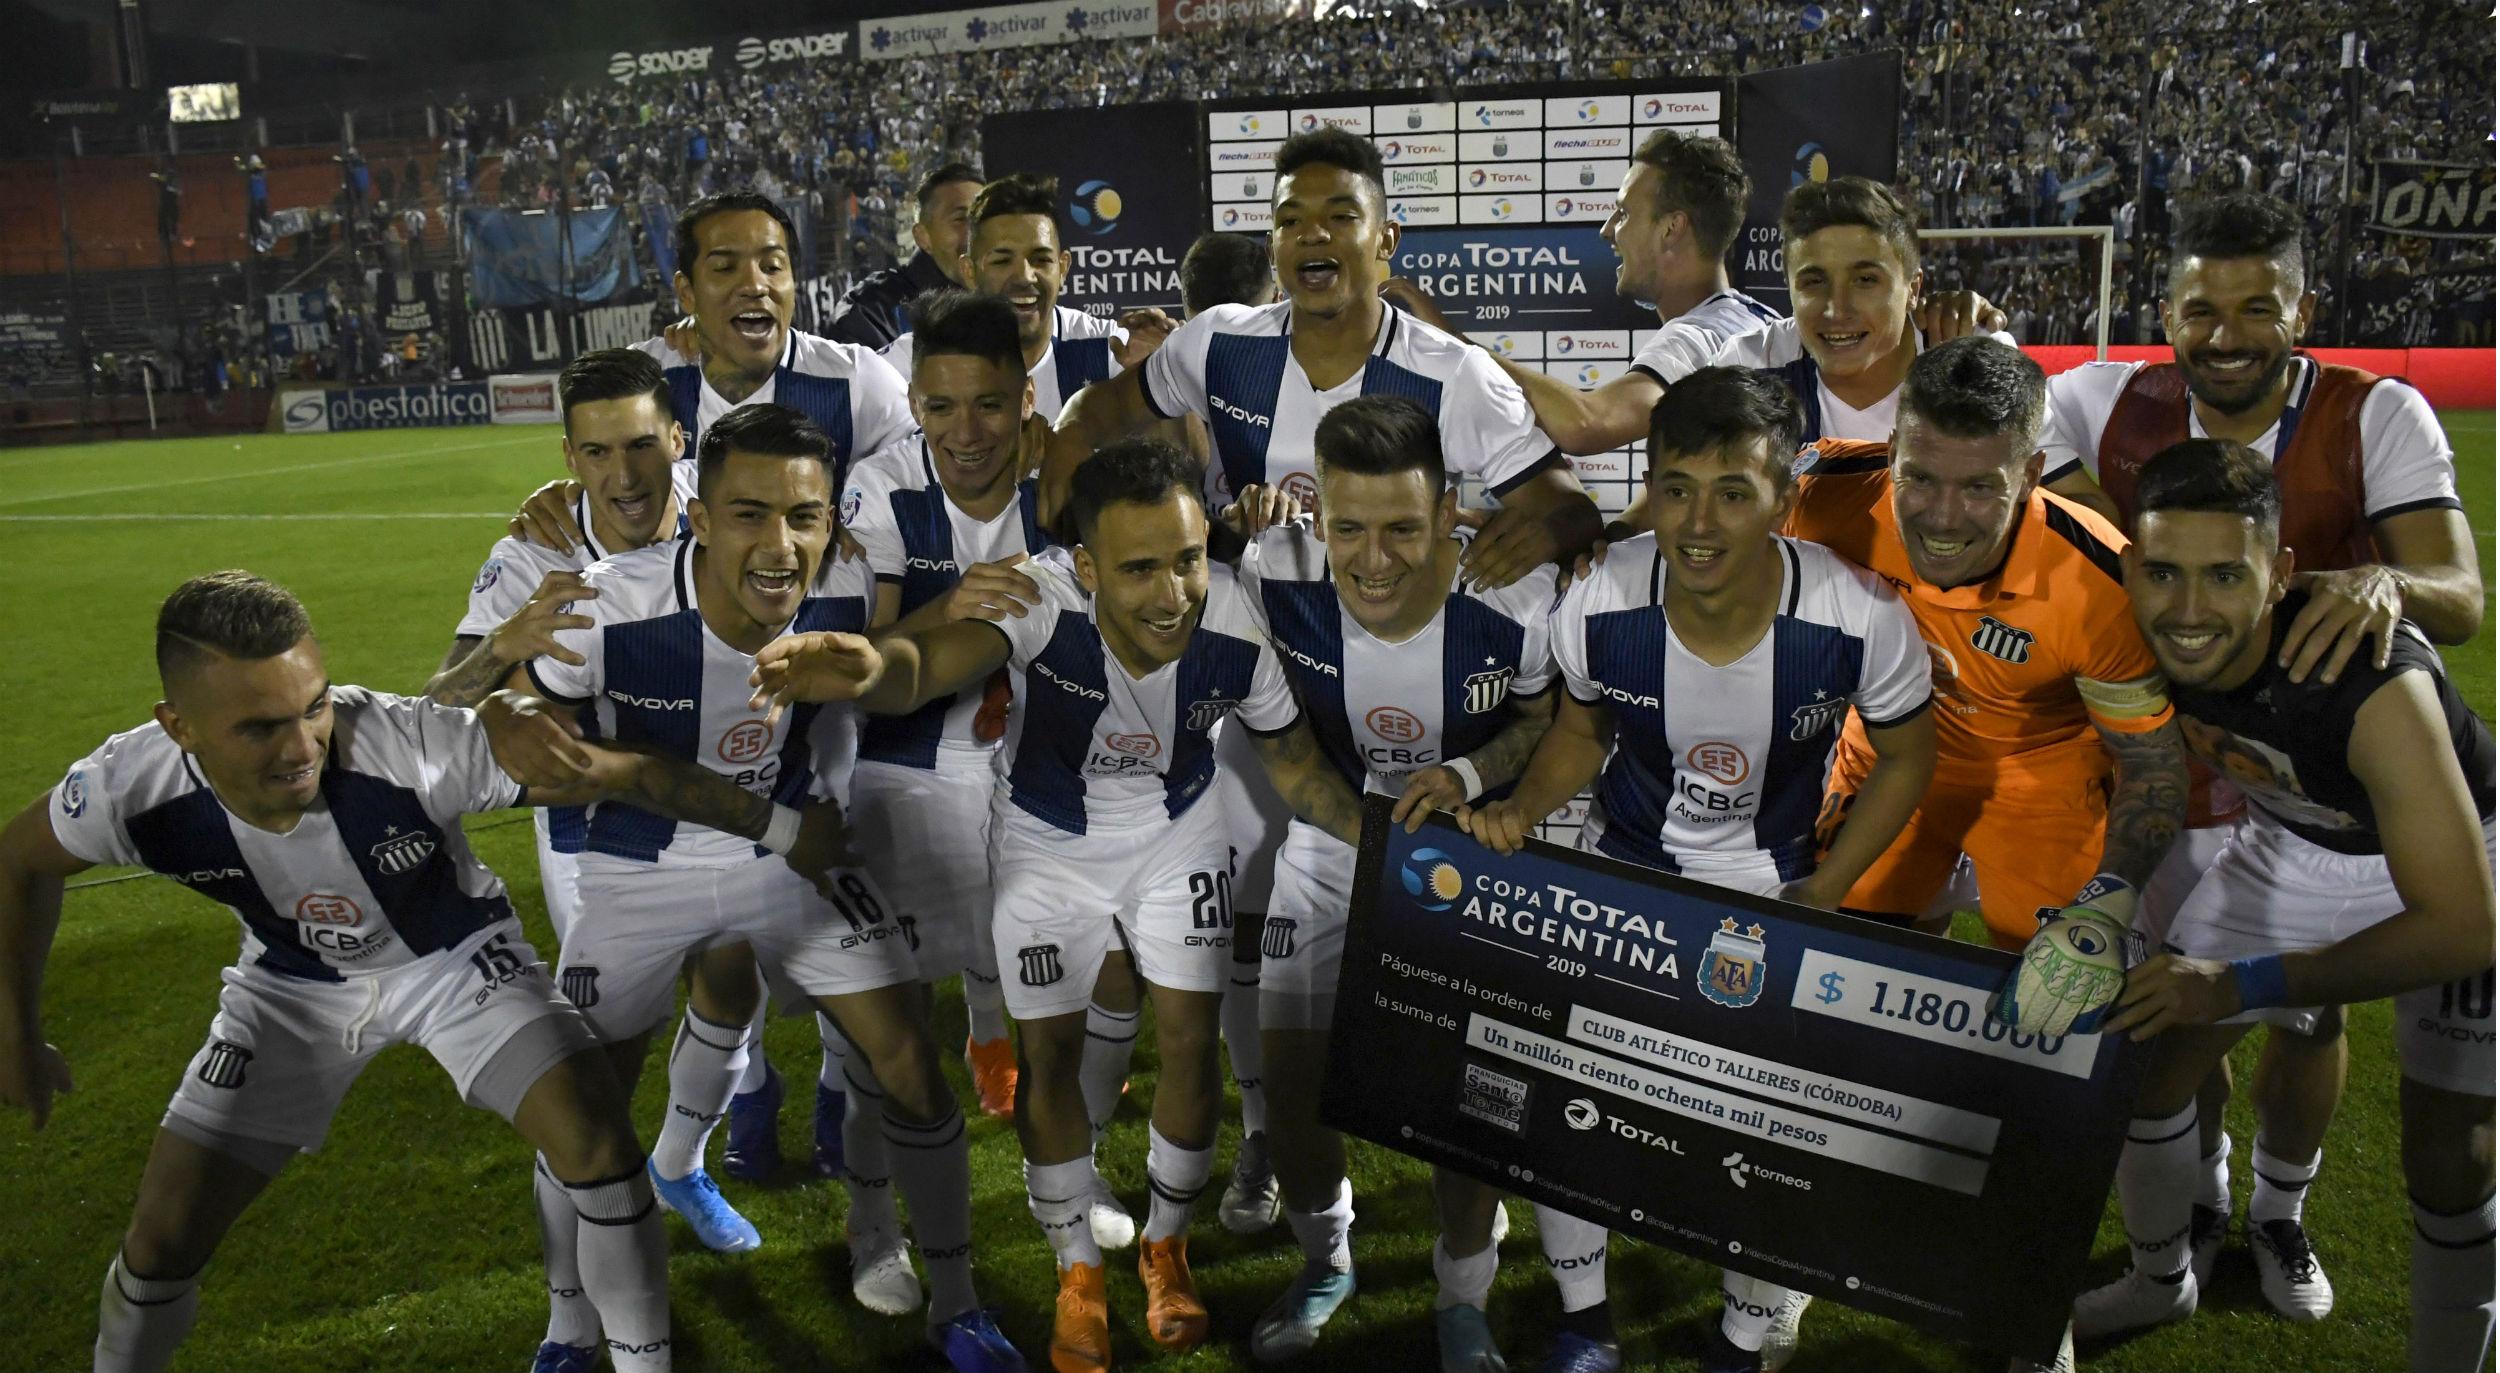 Cuánto dinero ganó Talleres por avanzar a octavos de Copa Argentina